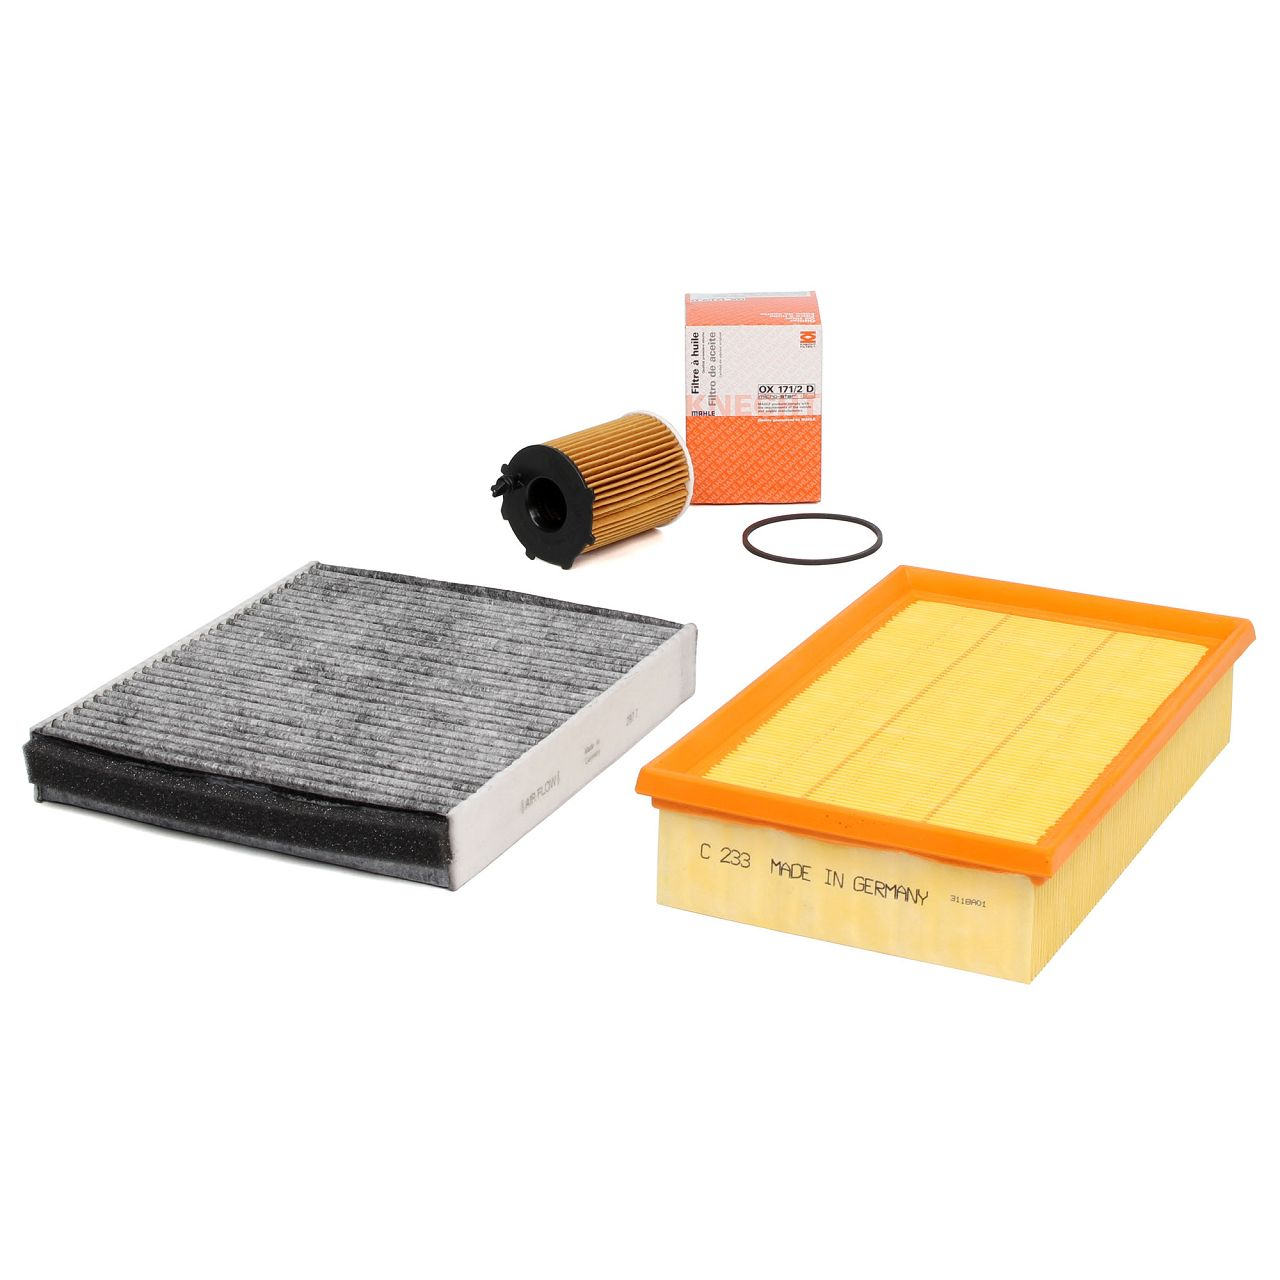 Inspektionskit Filterpaket für FORD FOCUS II MK2 1.6 TDCi 90-109 PS bis 03.2007